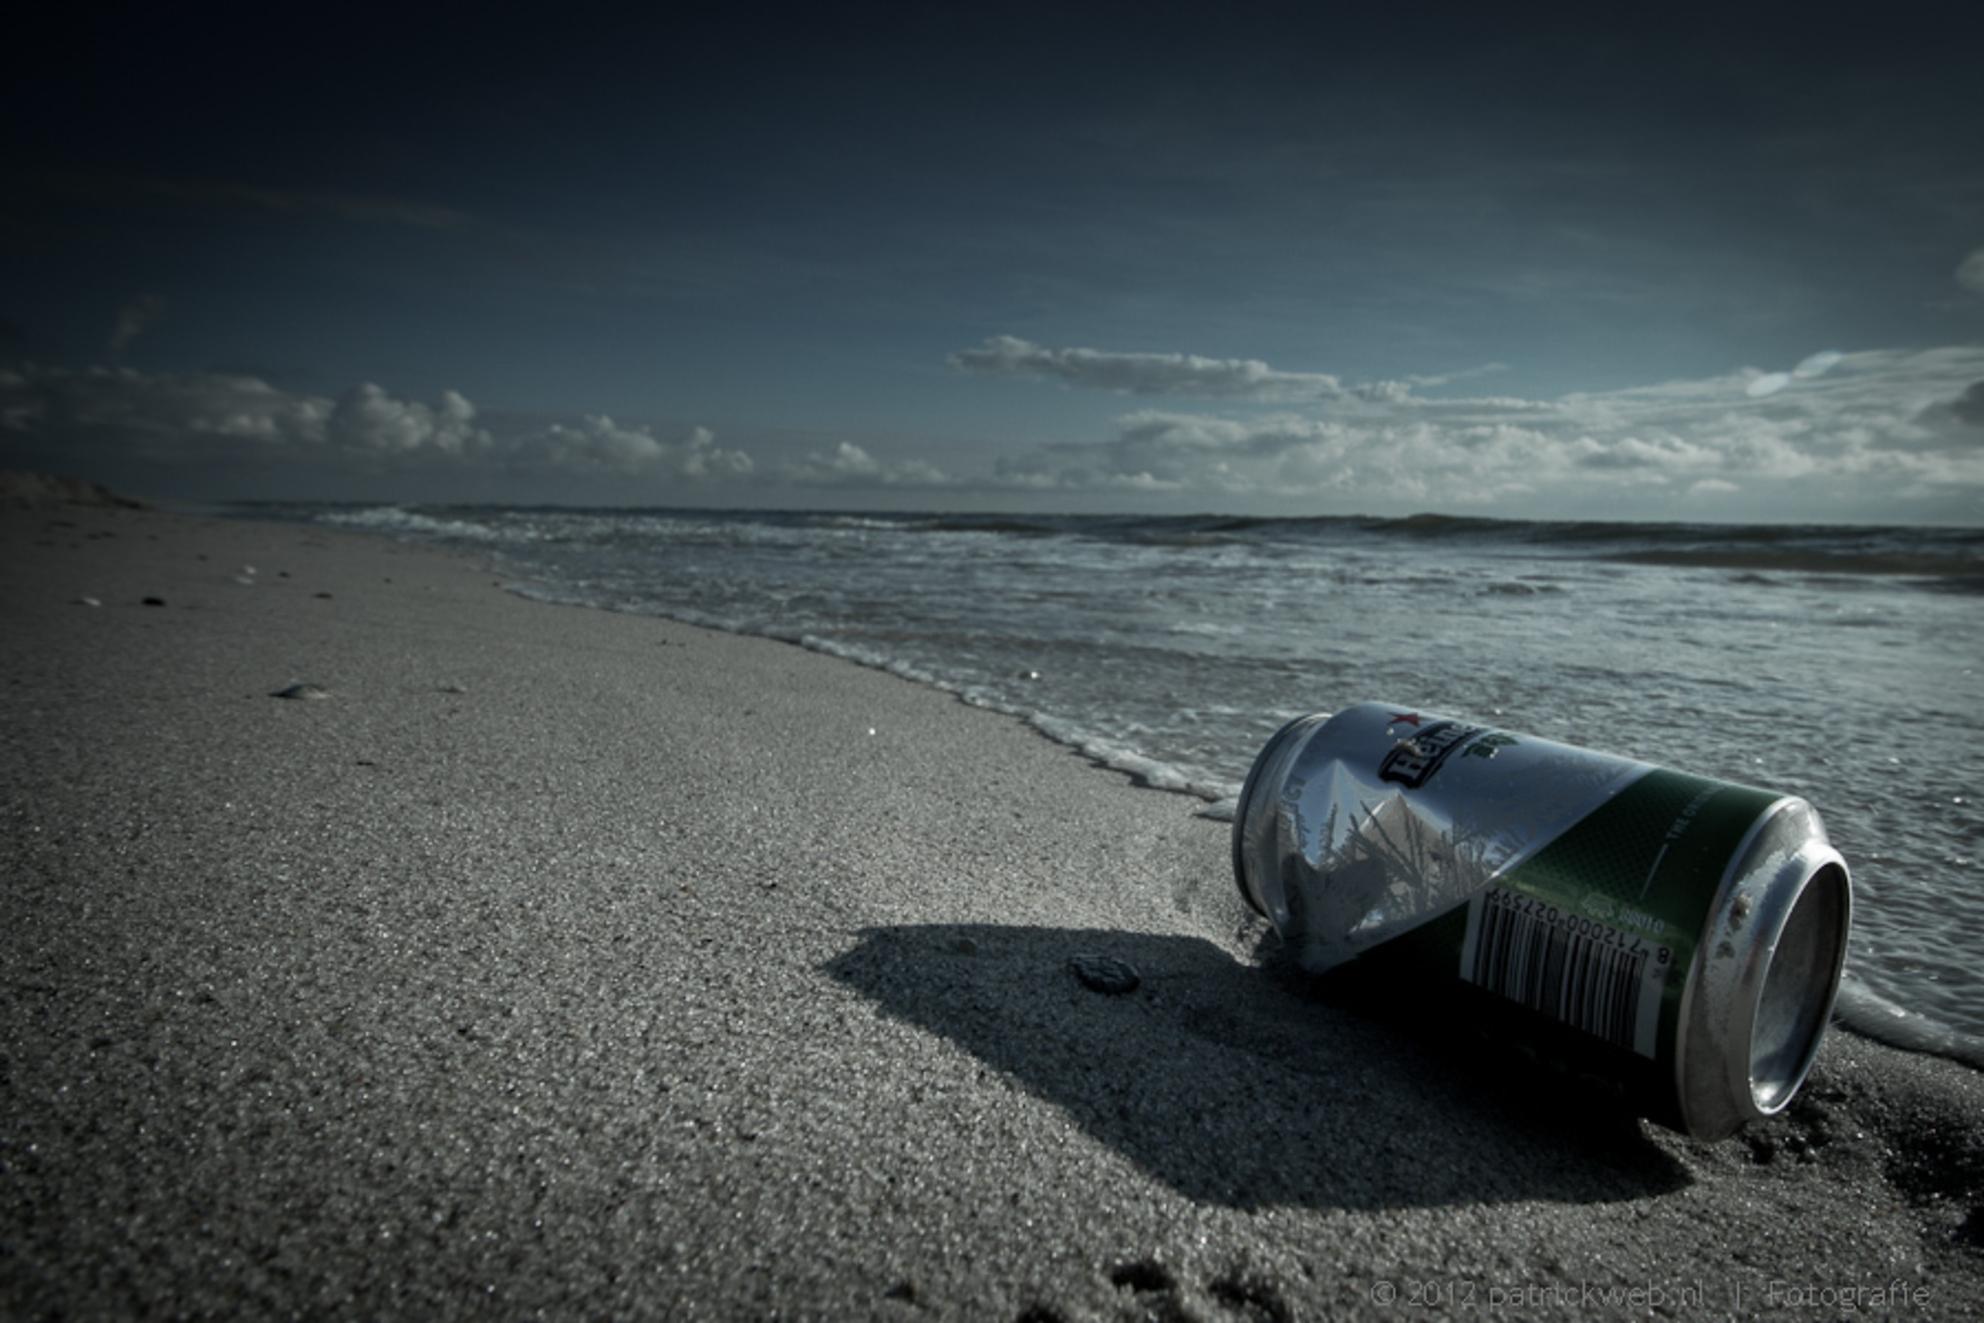 Afval - Een blikje op het strand - foto door patricks5600 op 12-08-2012 - deze foto bevat: maasvlakte, afval, bleach bypass - Deze foto mag gebruikt worden in een Zoom.nl publicatie